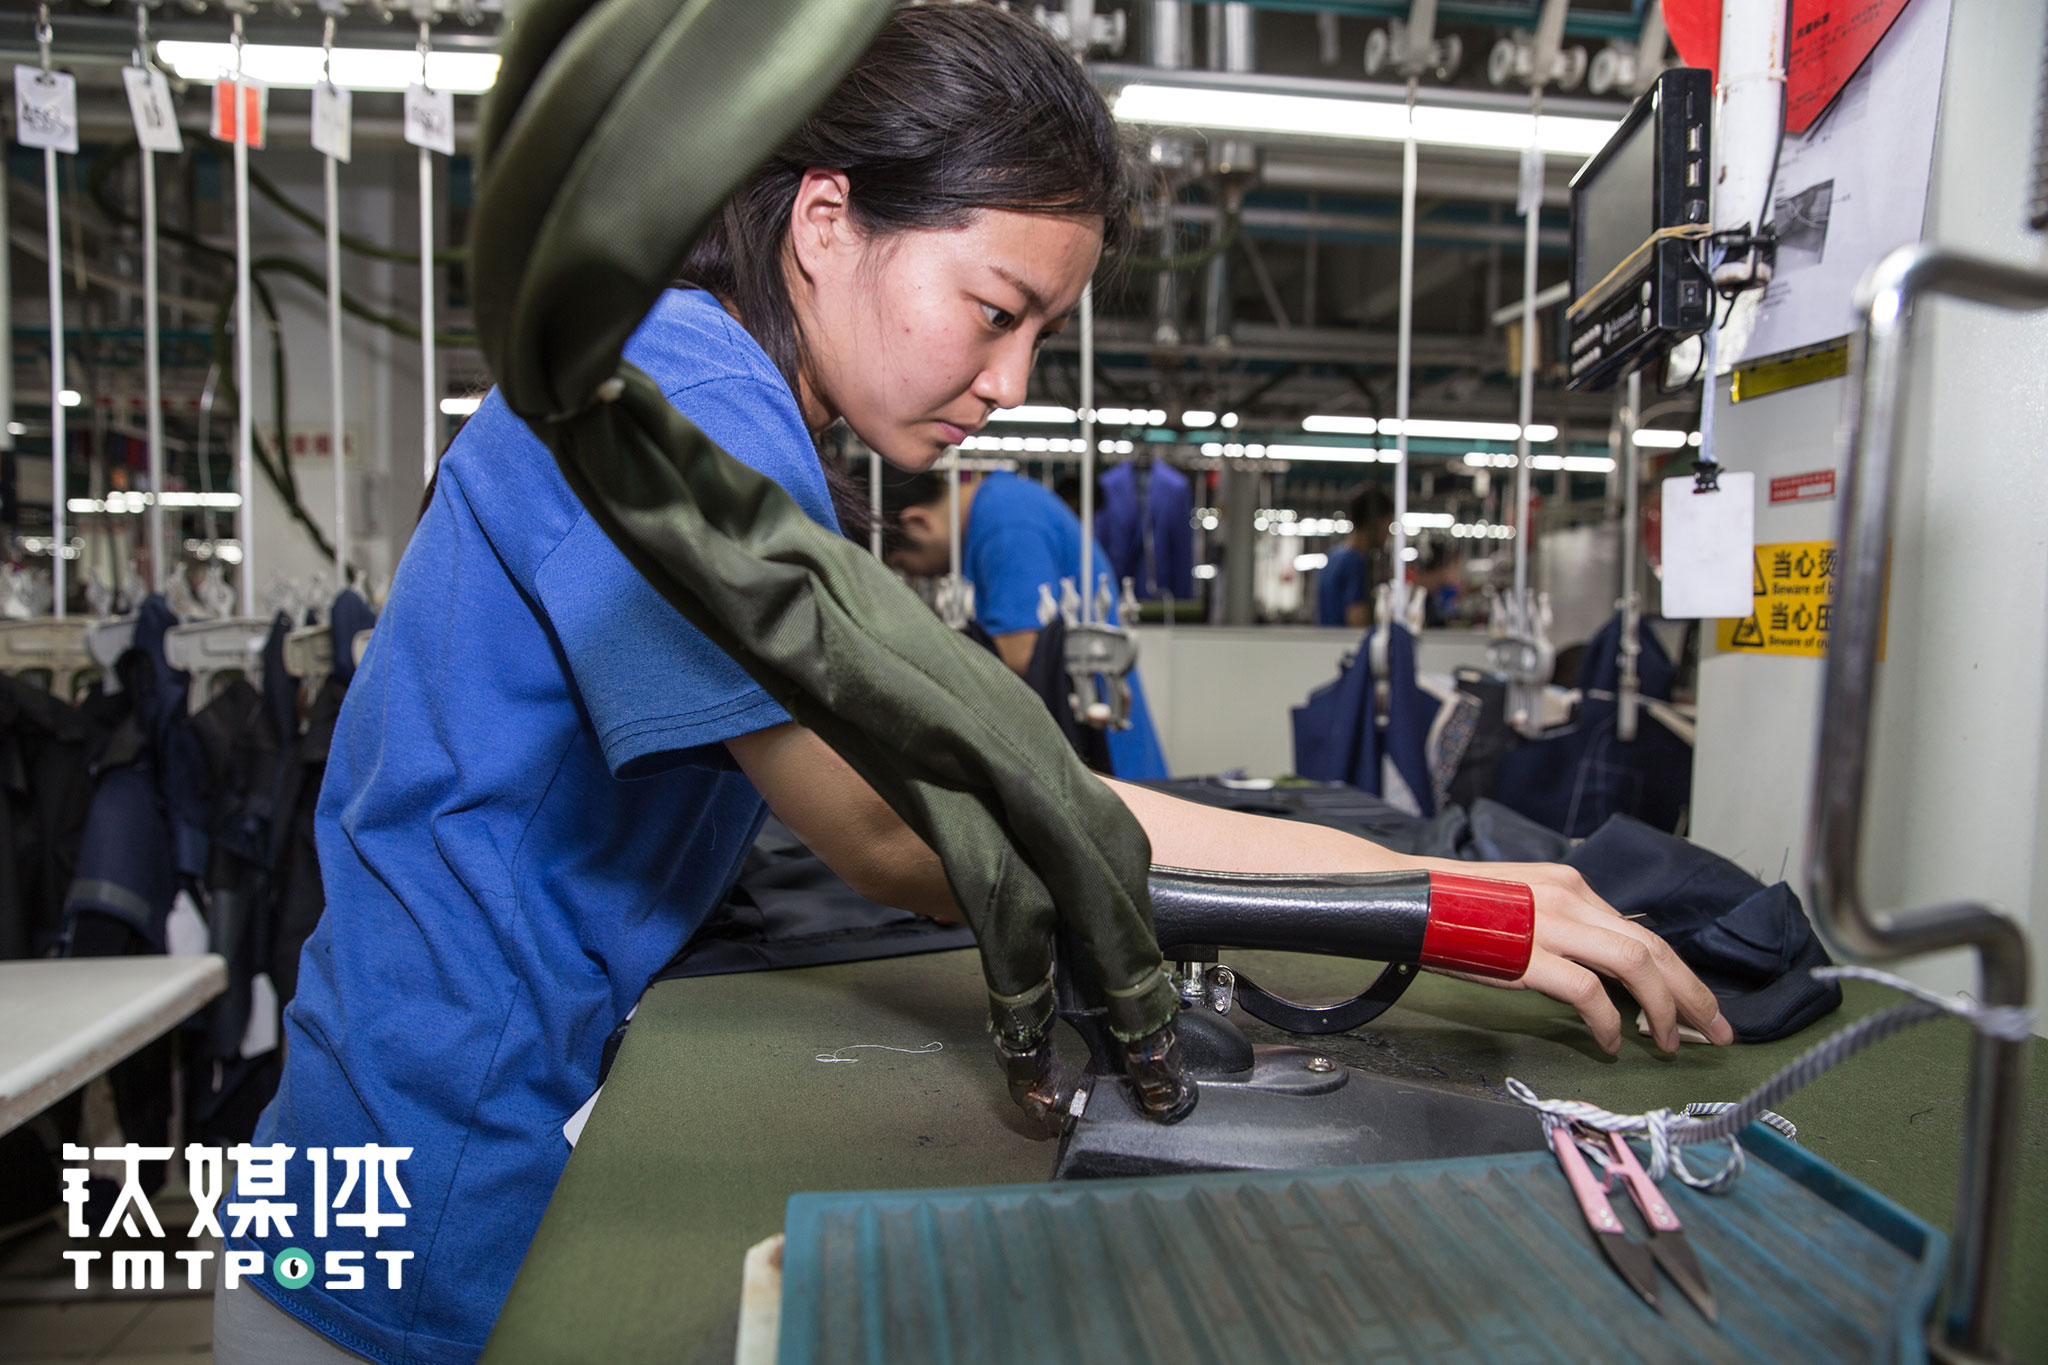 一名女工人在动作娴熟地熨烫西服布块。酷特工厂目前有2000多名工人,90后占相当一部分,千人千面的定制西服,每一件的工序都有所差别,这让他们时刻保持着专注。